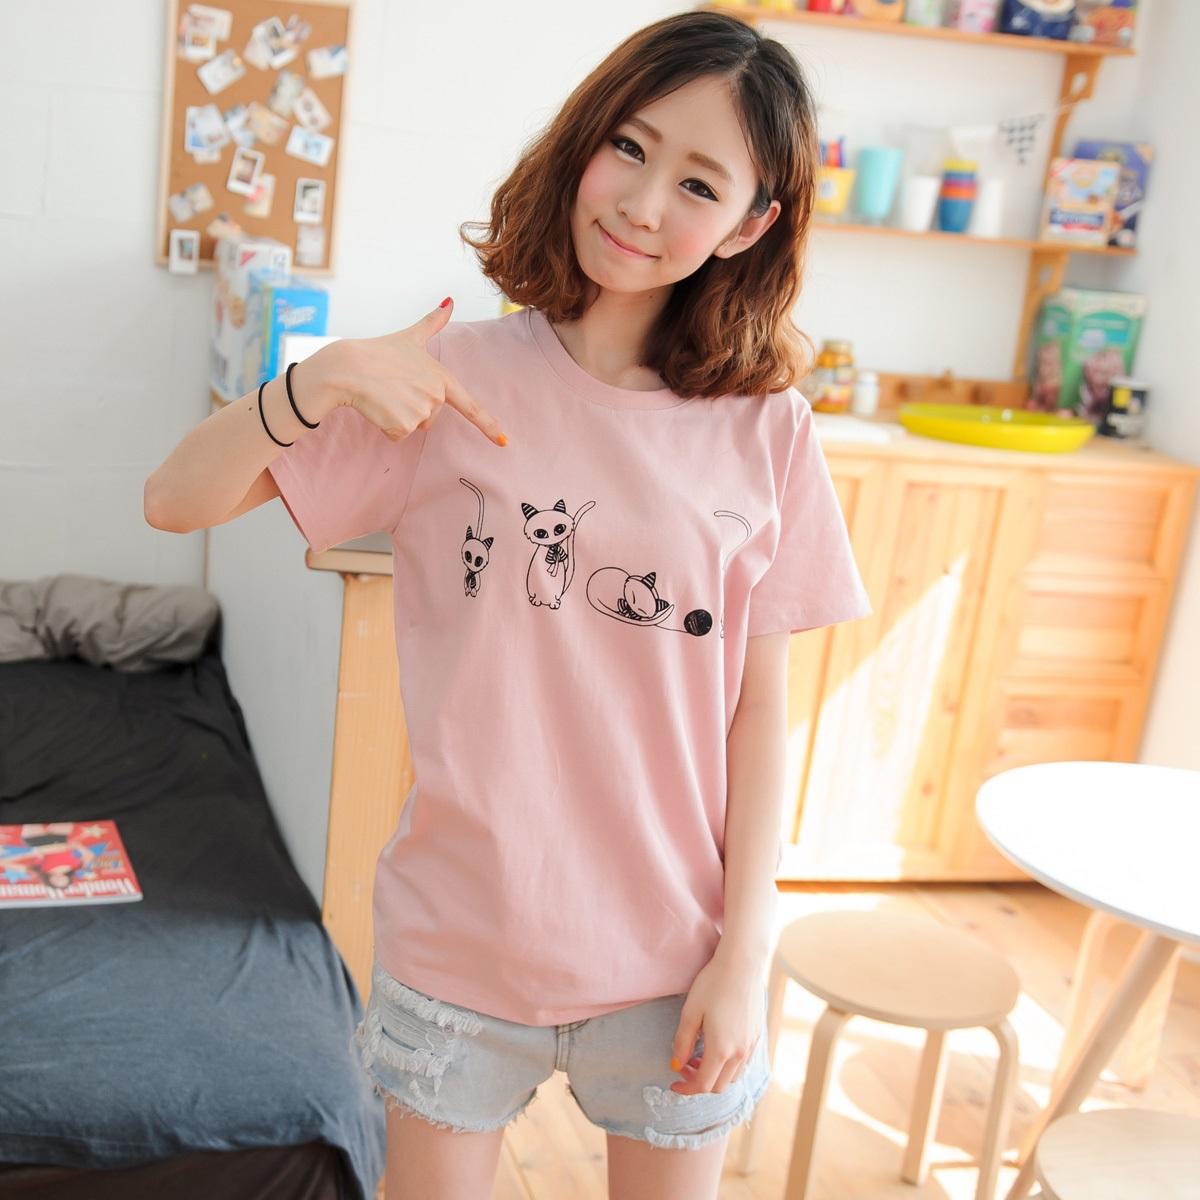 夏装可爱卡通纯棉短袖t恤女宽松中长款学生夏季韩版甜美半袖上衣